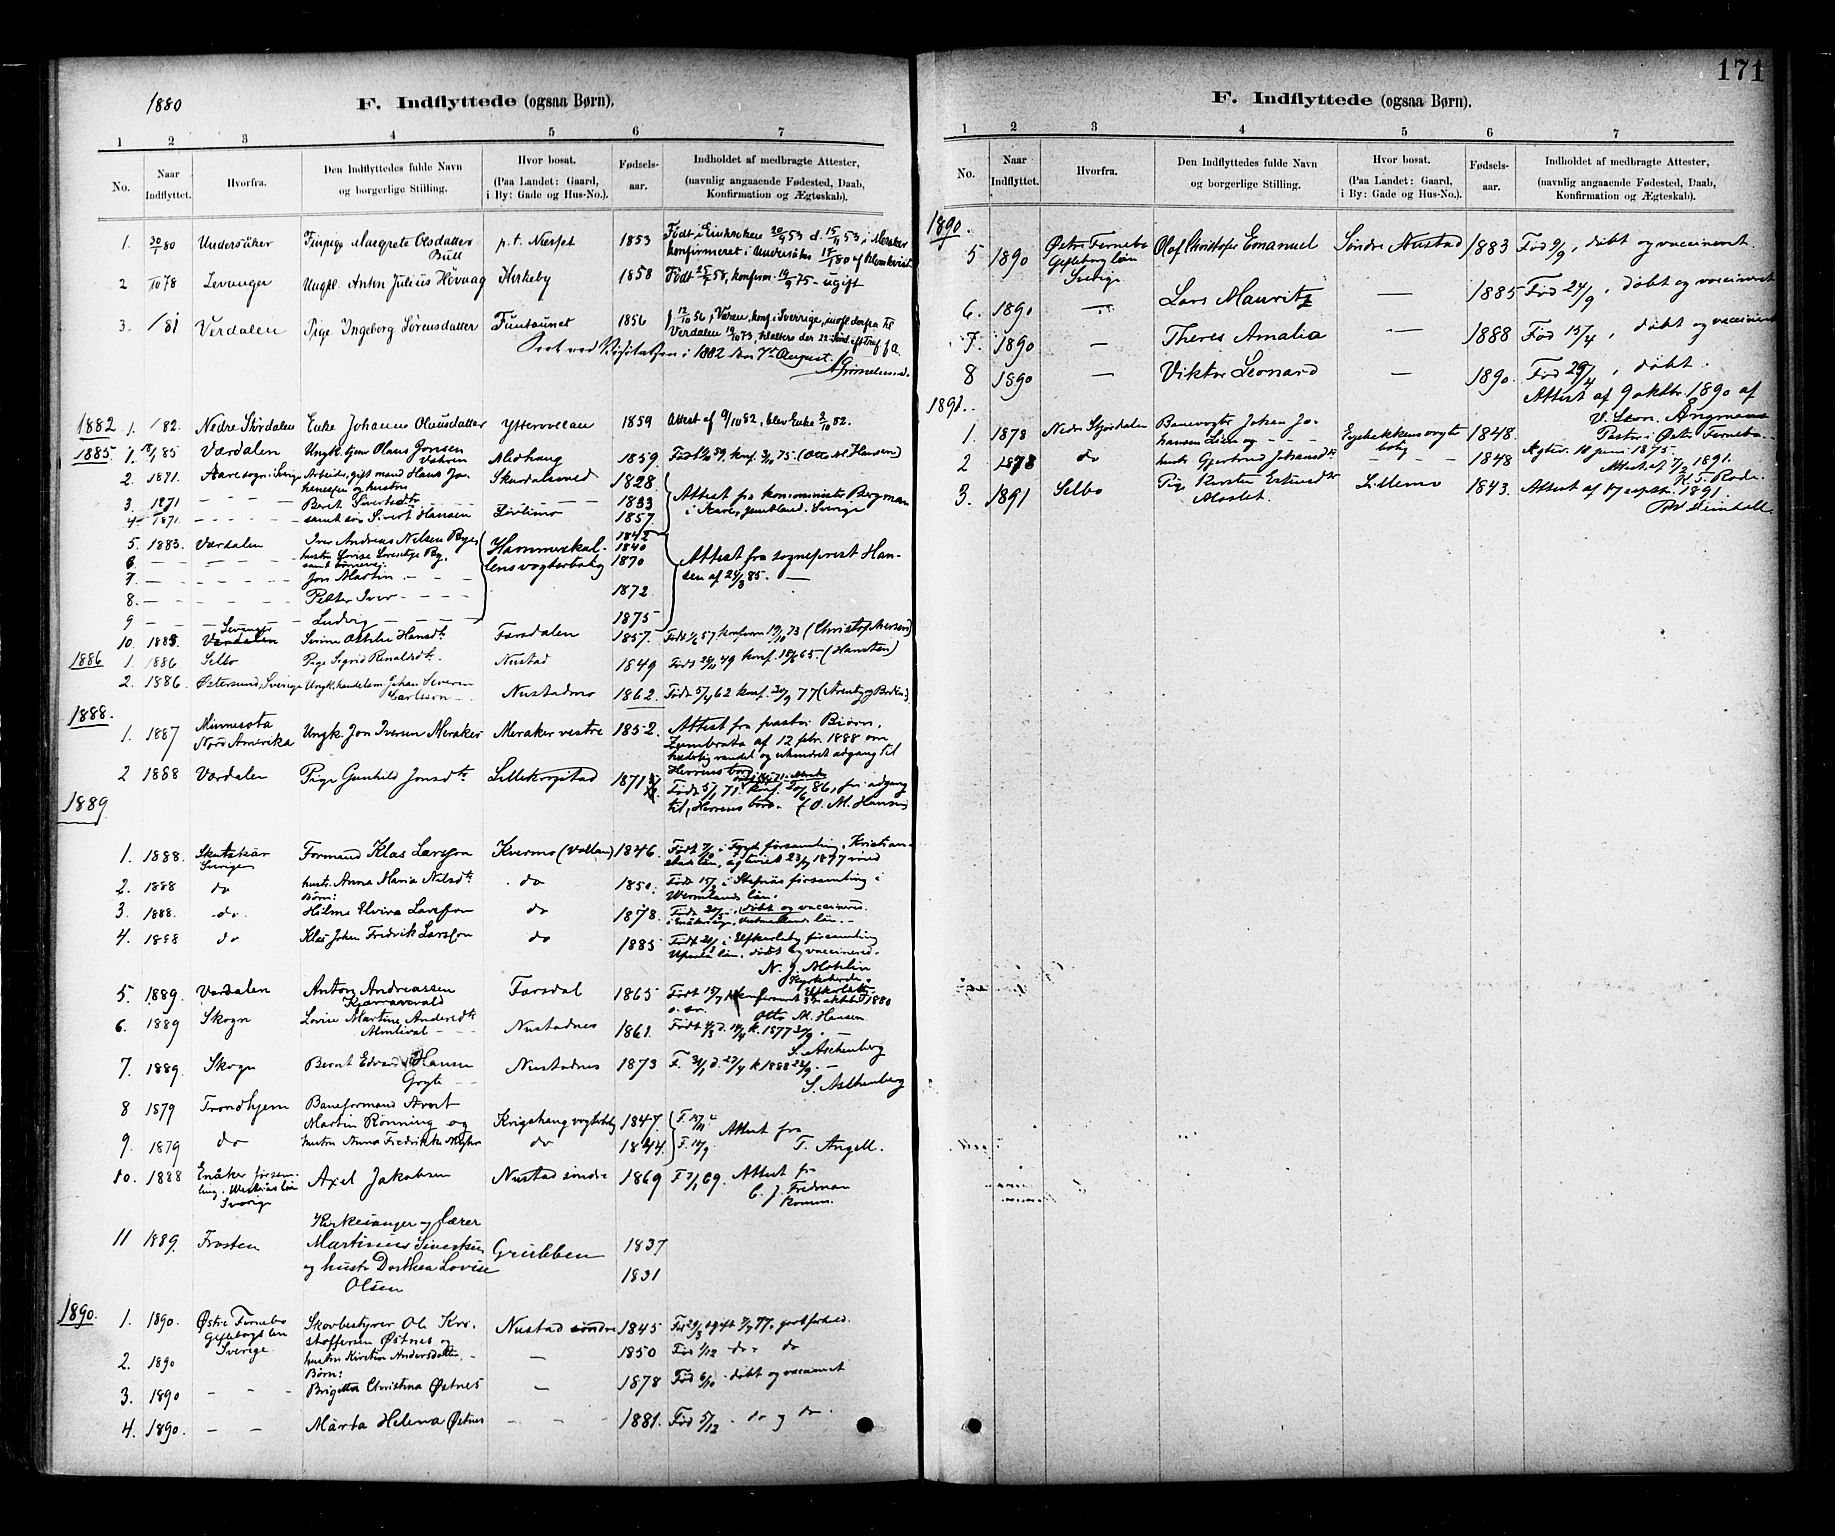 SAT, Ministerialprotokoller, klokkerbøker og fødselsregistre - Nord-Trøndelag, 706/L0047: Parish register (official) no. 706A03, 1878-1892, p. 171